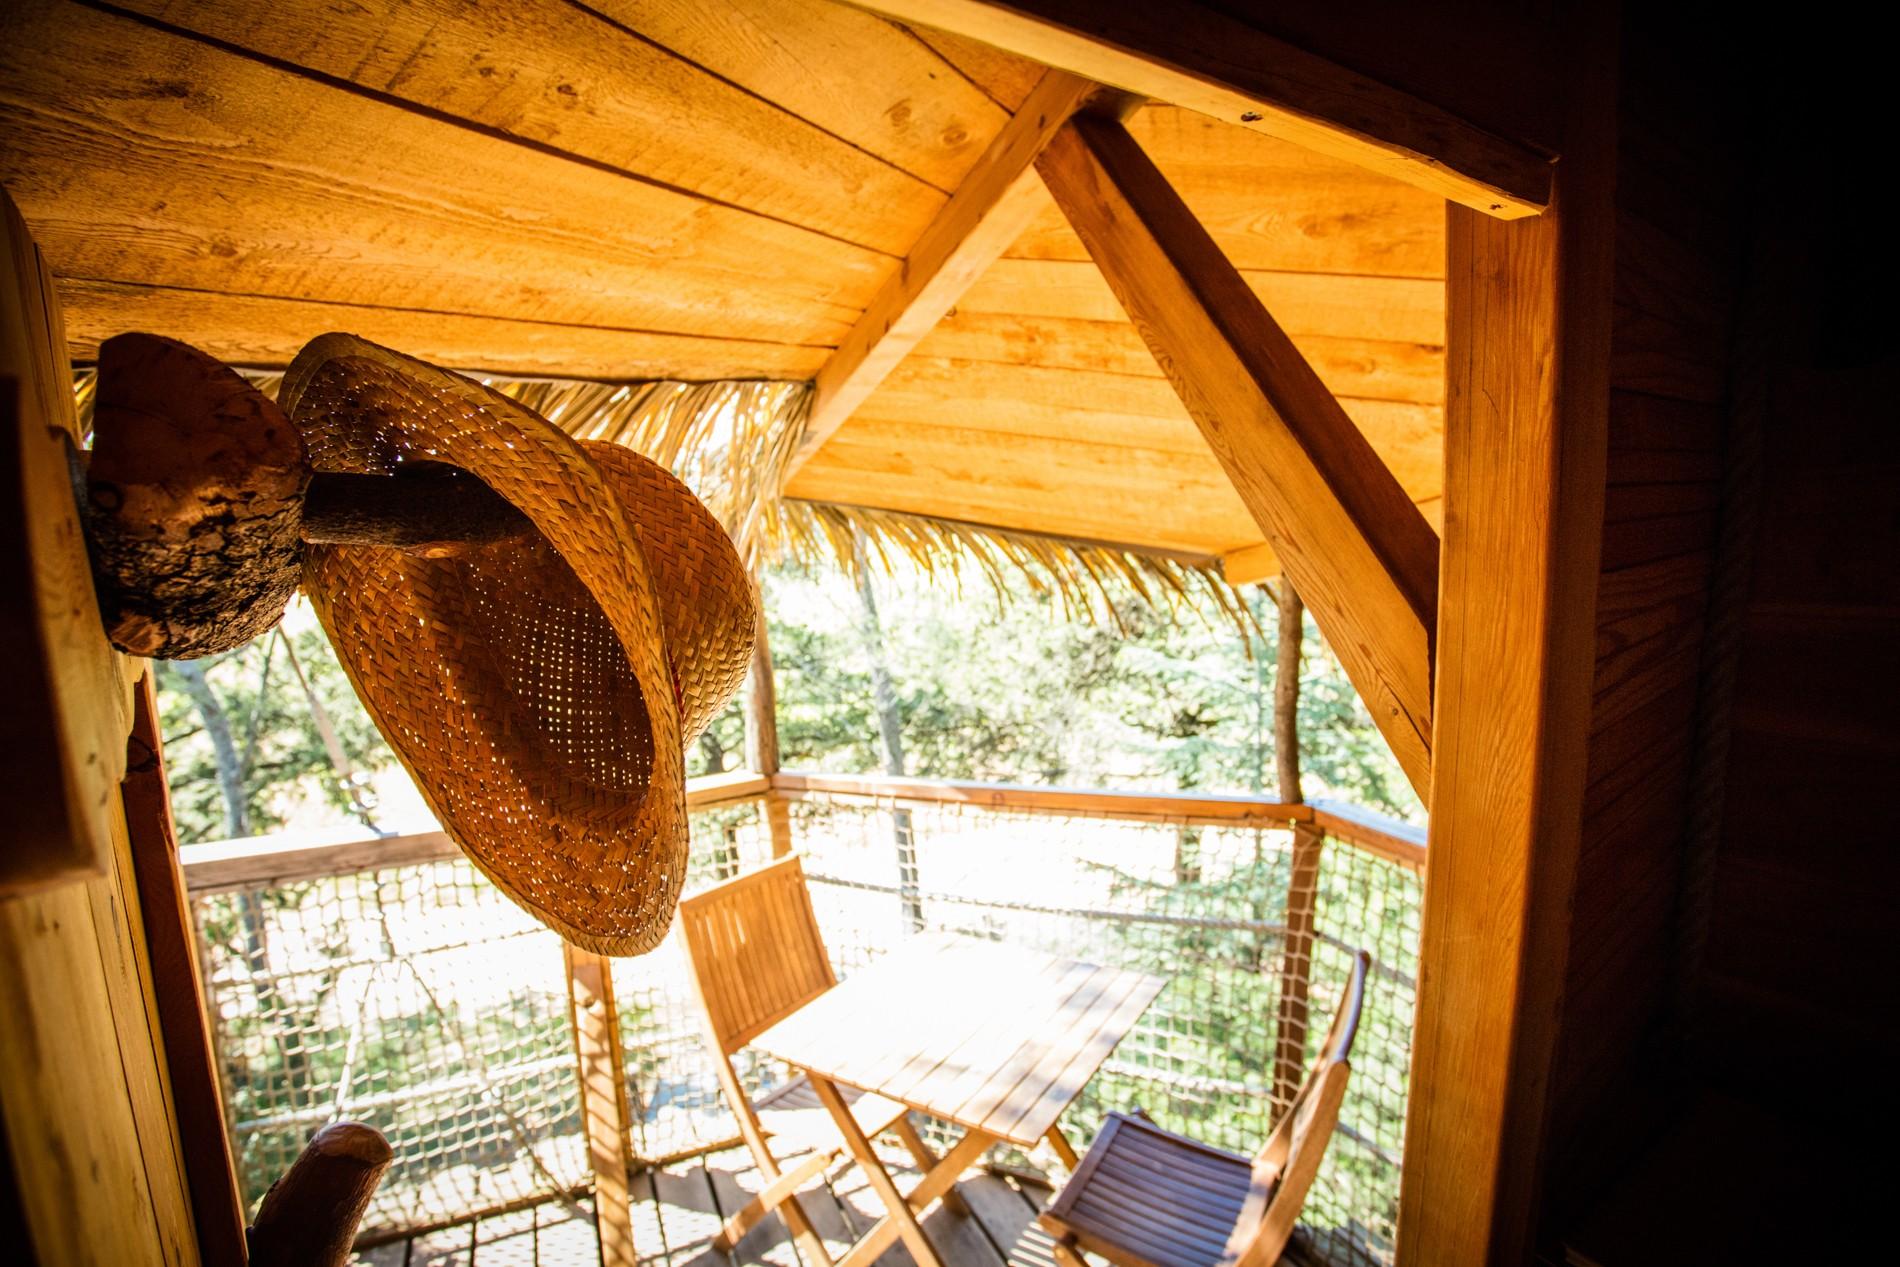 Photo 25 intérieur - cabane dans les arbres - Terrasse - hébergement insolite à Montpellier - Tourisme de nature - Domaine saint Jean de l'Arbousier, Castries, Hérault